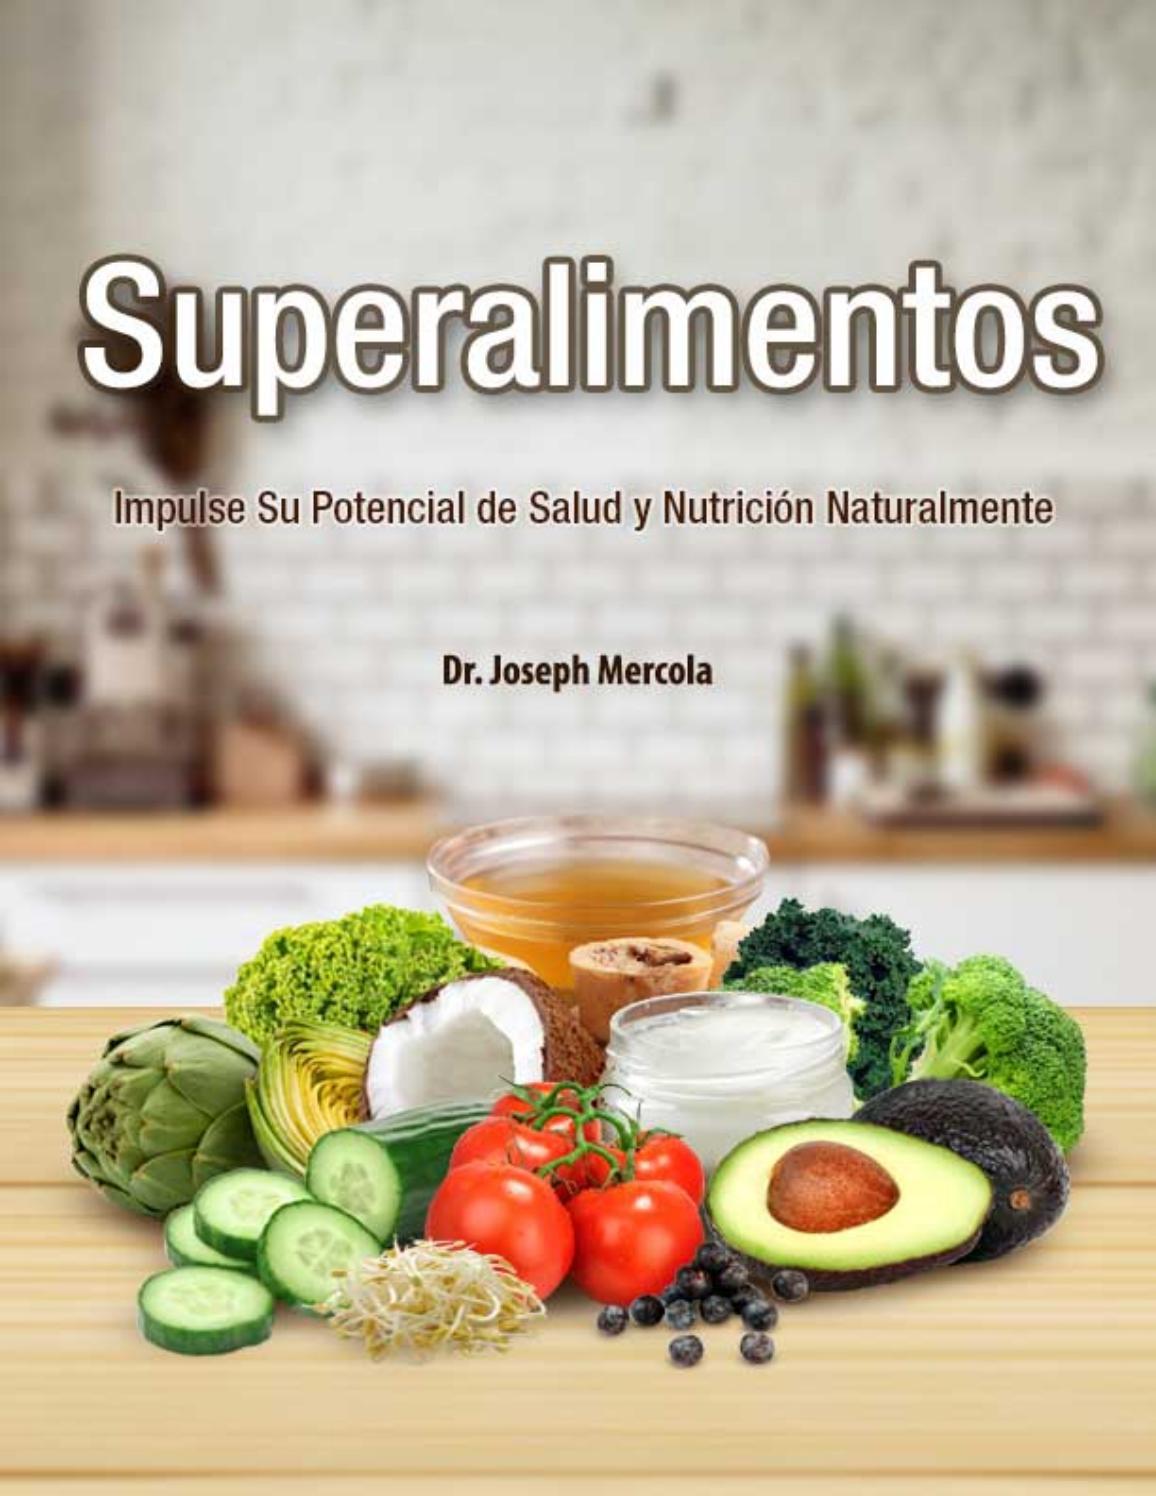 8 superalimentos económicos, accesibles y nutritivos